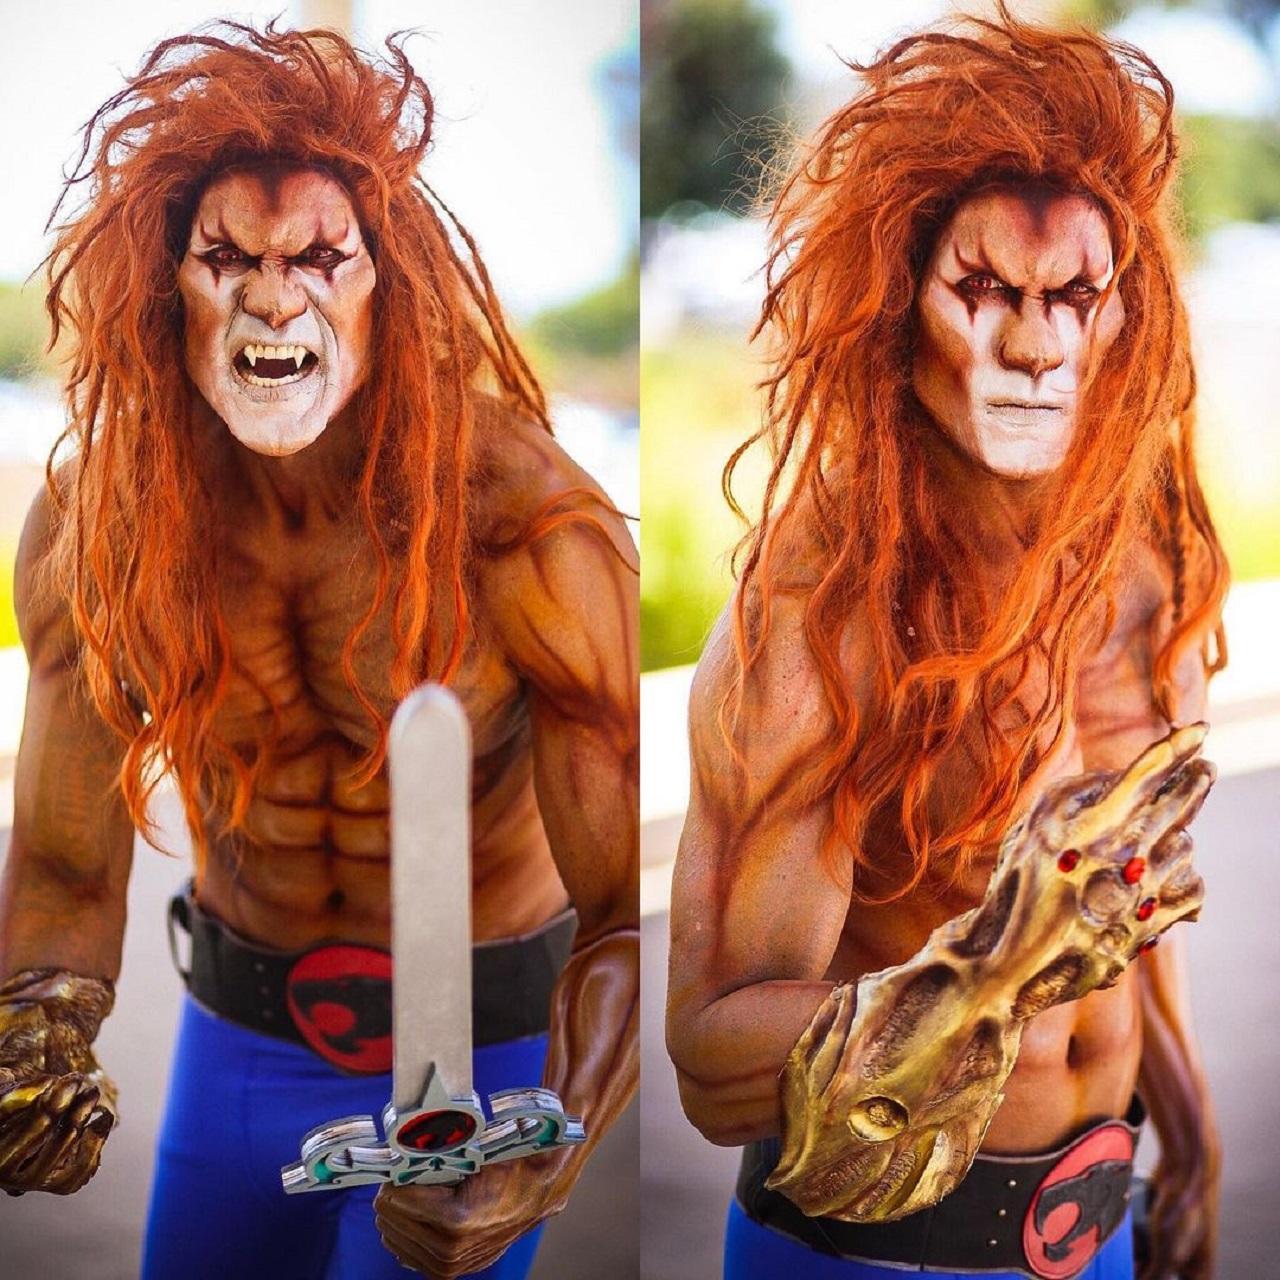 Thundercats cosplay Leono Lion-O